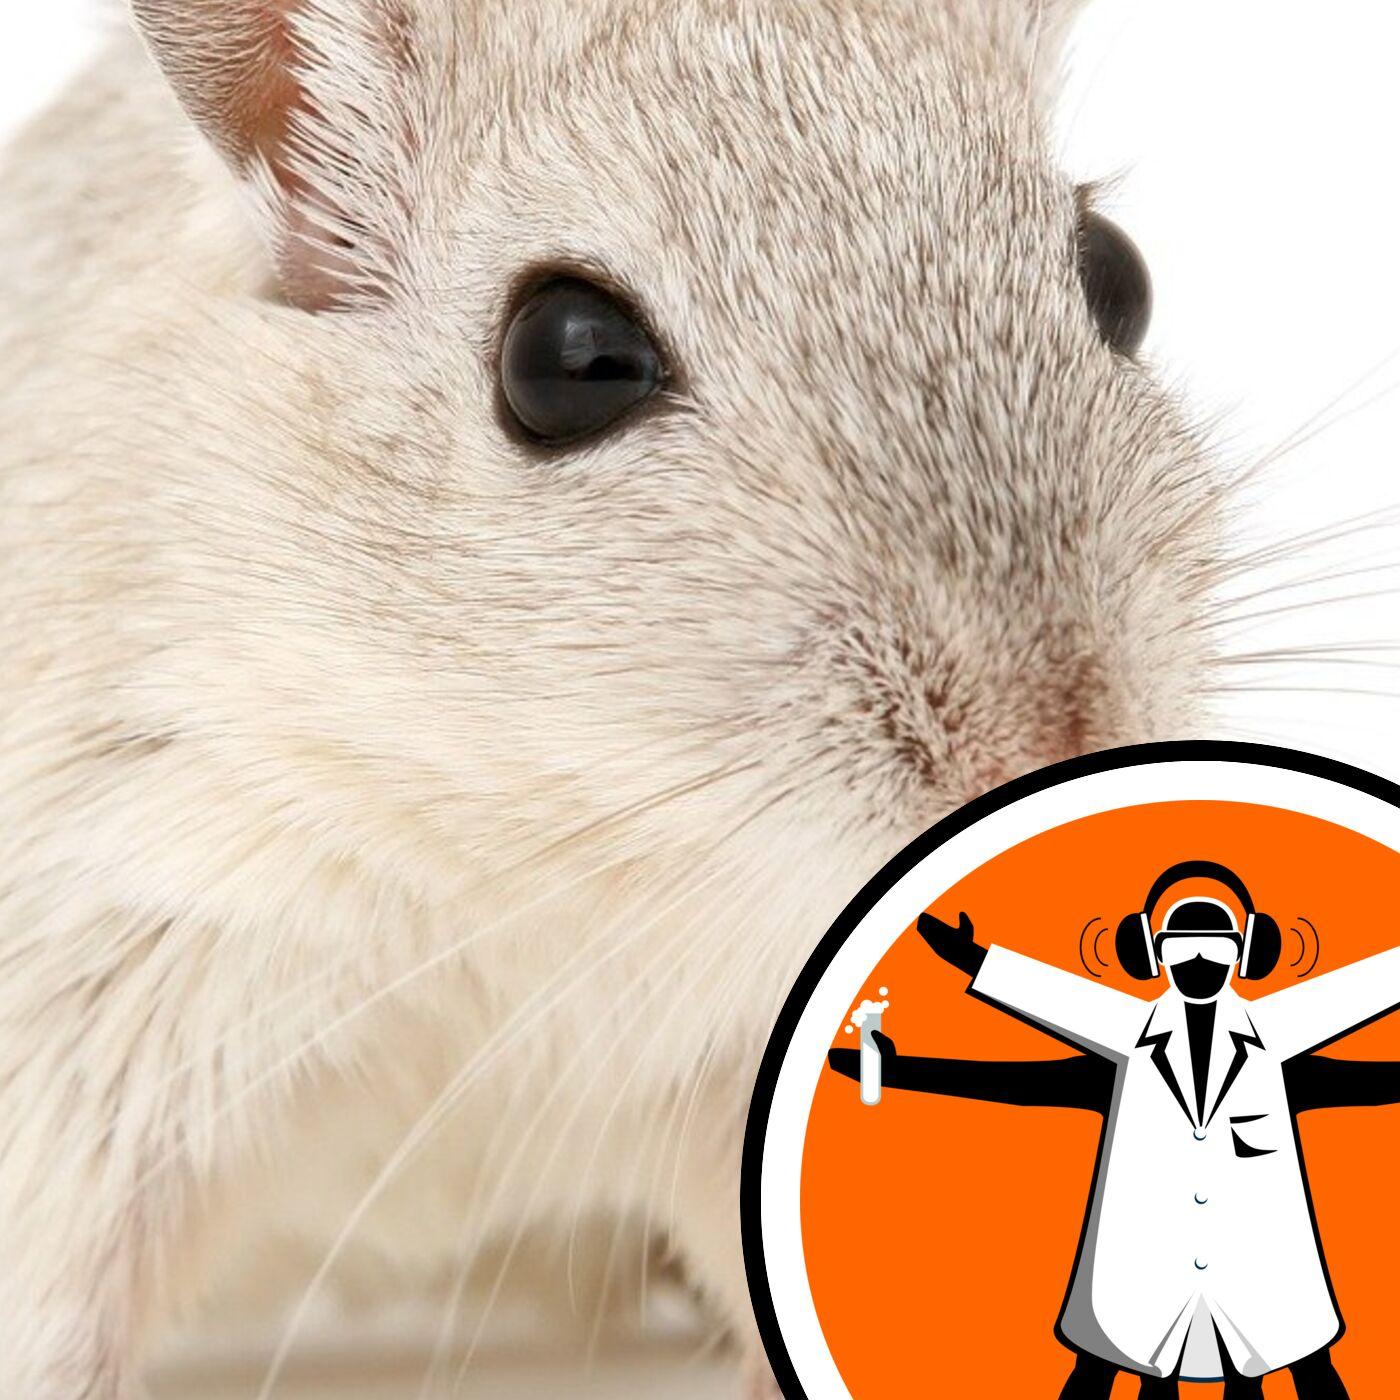 Mouse plague in Australia